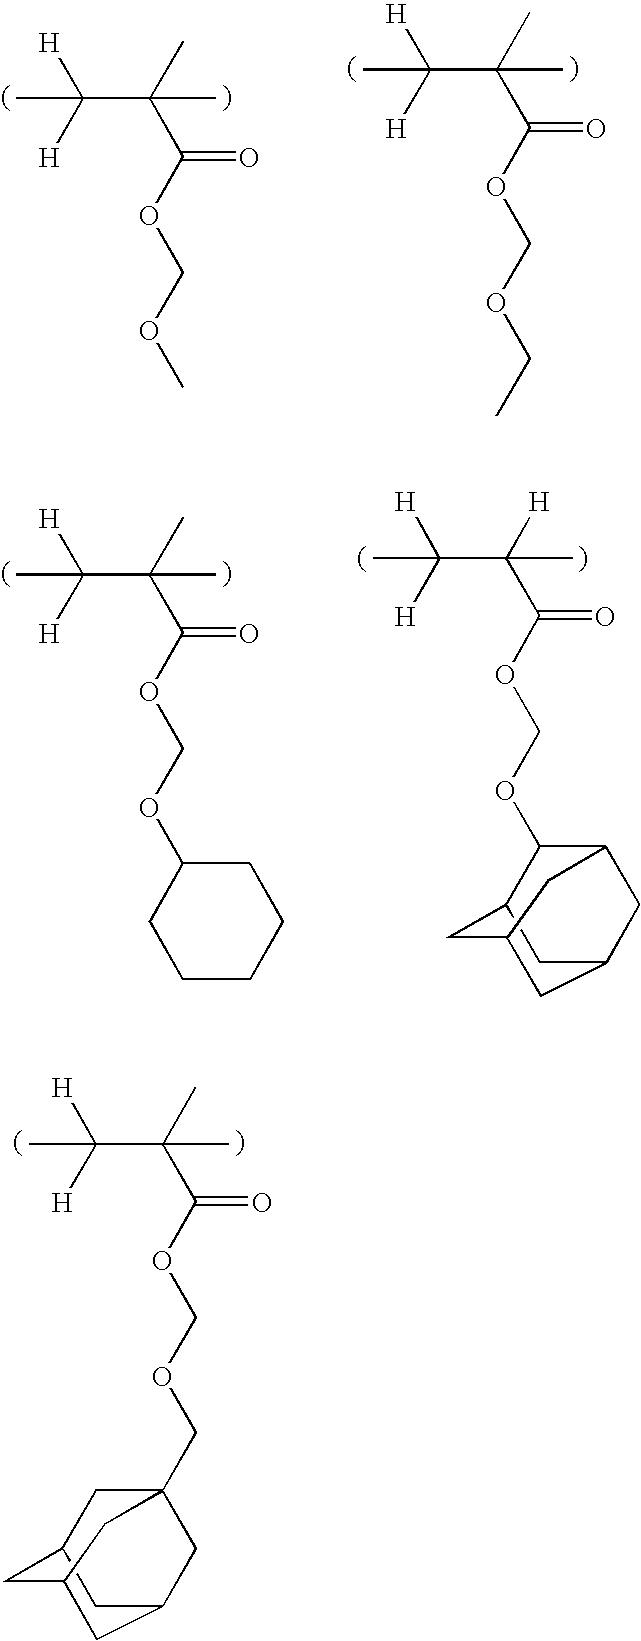 Figure US07537880-20090526-C00052